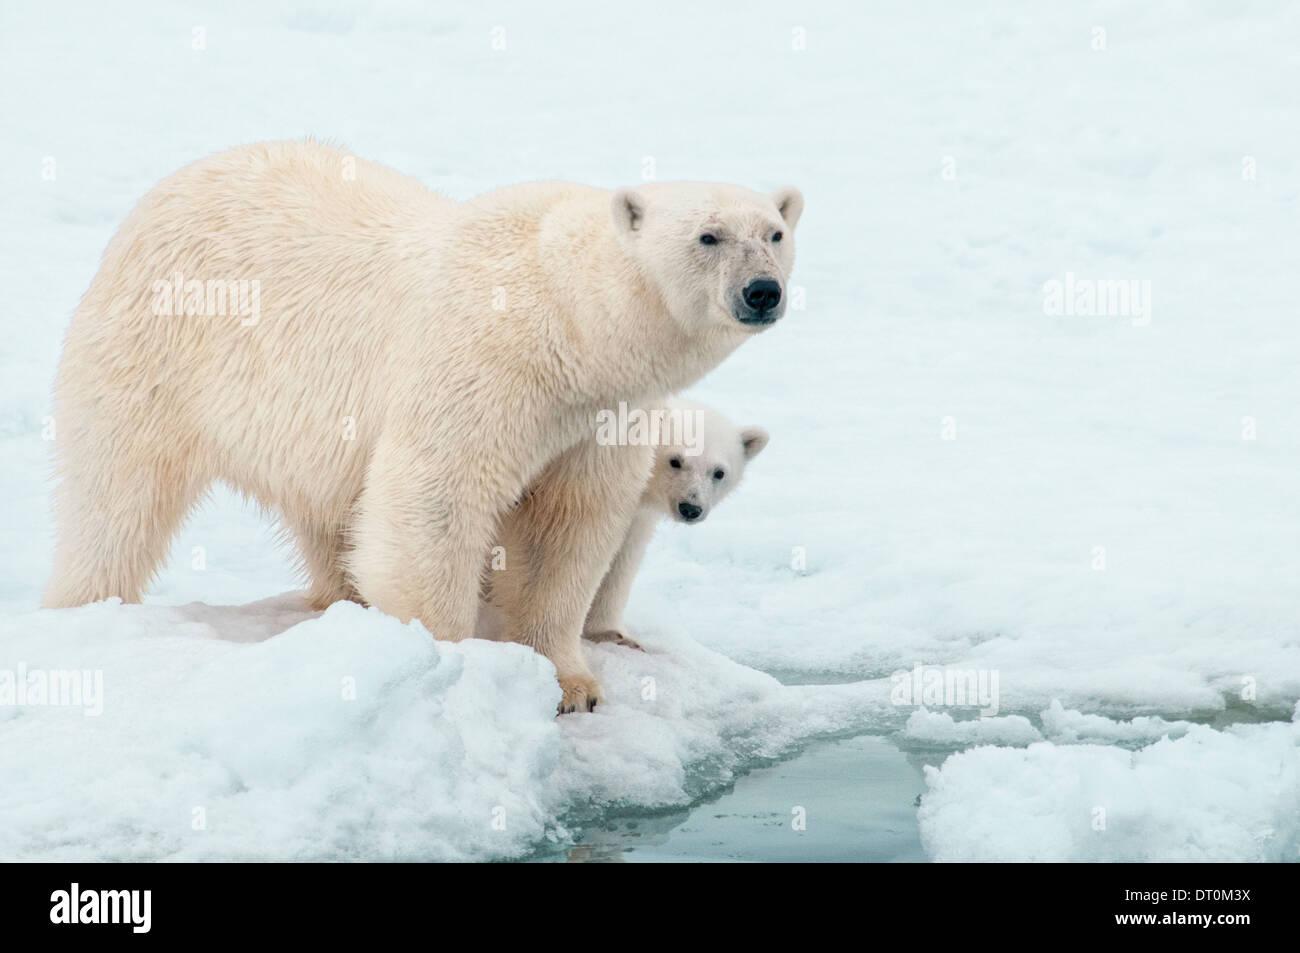 Orso polare Madre con Cub nascondendo dietro di lei, Ursus maritimus, Olgastretet Pack ghiaccio, Spitsbergen, arcipelago delle Svalbard, Norvegia Immagini Stock